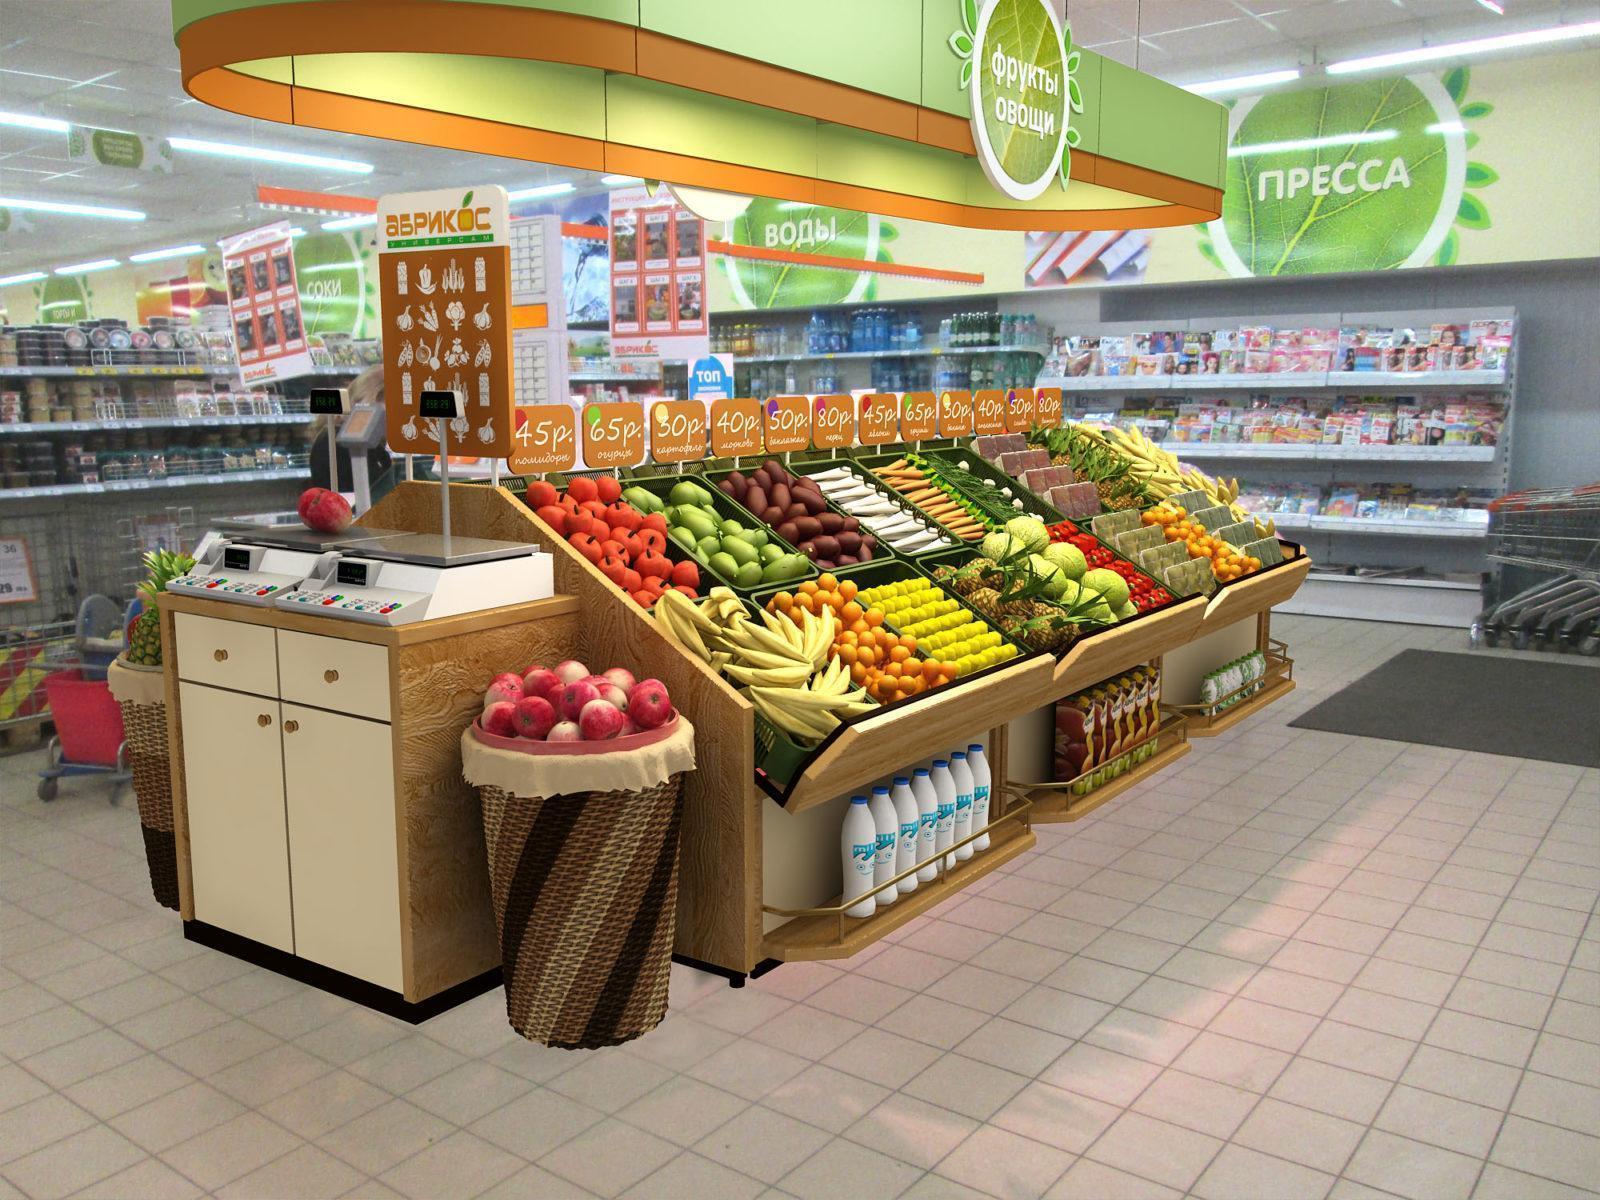 Оформление магазинов - изображение